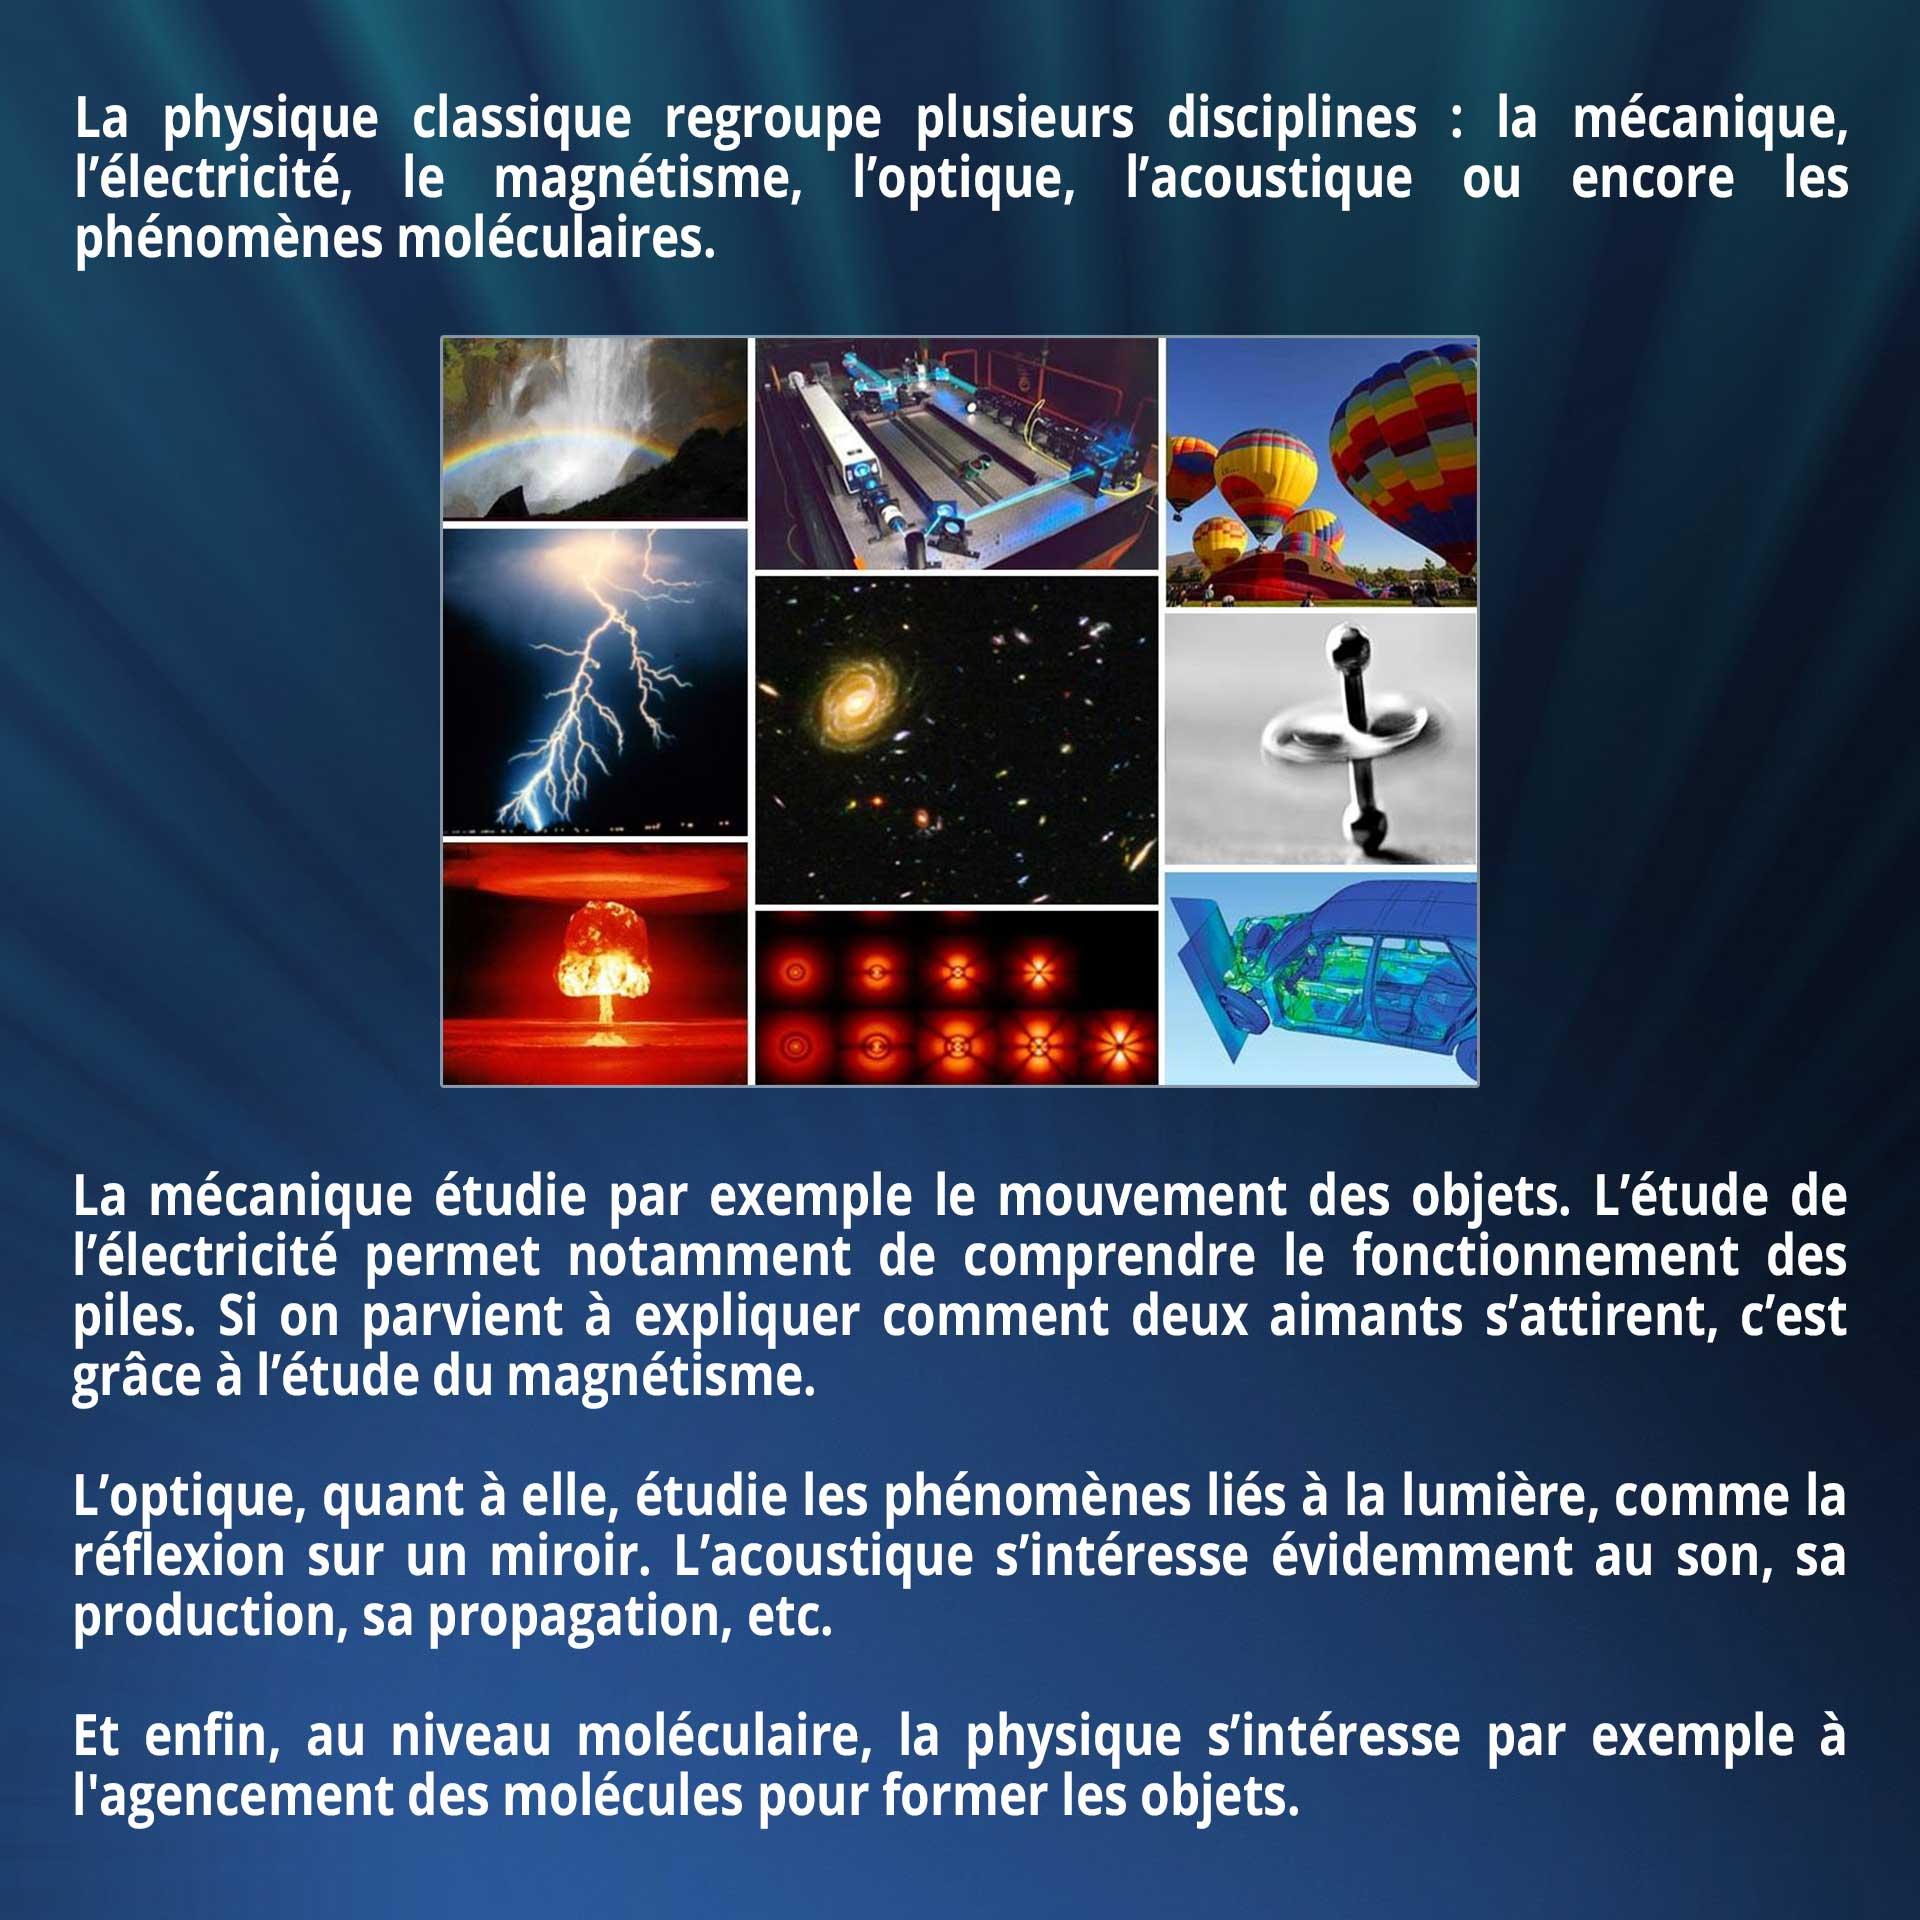 La physique classique regroupe plusieurs disciplines : la mécanique, l'électricité, le magnétisme, l'optique, l'acoustique ou encore les phénomènes moléculaires.  La mécanique étudie par exemple le mouvement des objets. L'étude de l'électricité permet notamment de comprendre le fonctionnement des piles. Si on parvient à expliquer comment deux aimants s'attirent, c'est grâce à l'étude du magnétisme. L'optique, quant à elle, étudie les phénomènes liés à la lumière, comme la réflexion sur un miroir. L'acoustique s'intéresse évidemment au son, sa production, sa propagation, etc. Et enfin, au niveau moléculaire, la physique s'intéresse par exemple à l'agencement des molécules pour former les objets.